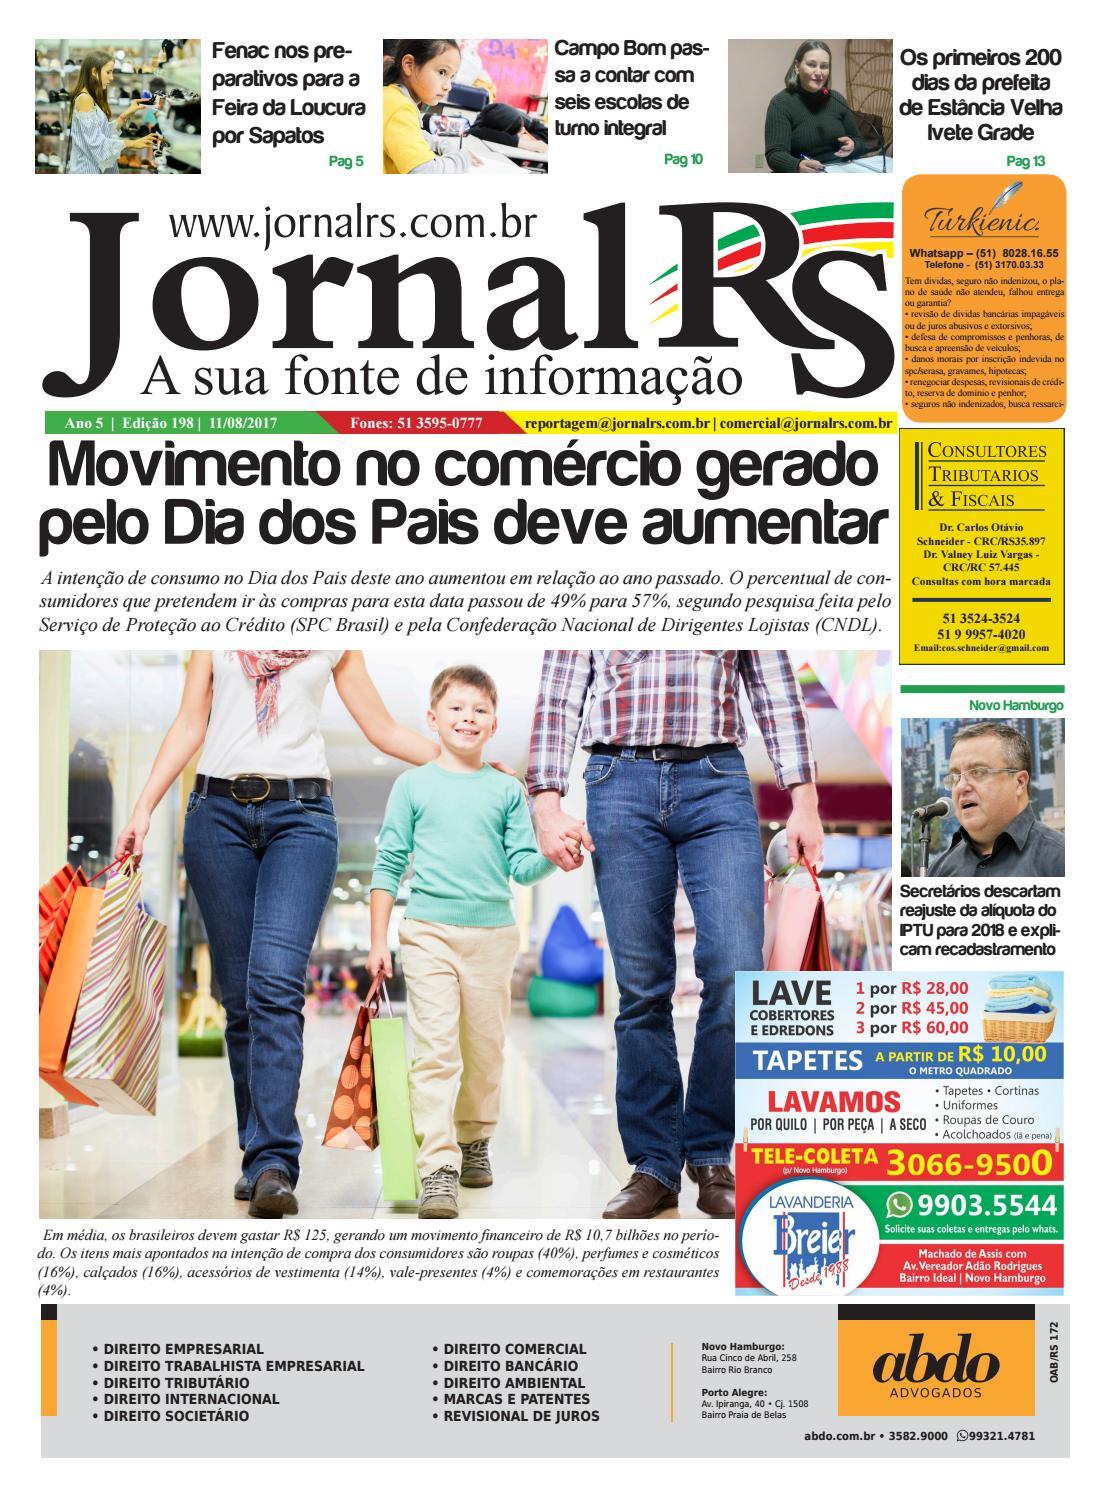 9fc9e1f47 Edição 198 Jornal RS - A Sua Fonte de Informação by Jornal RS A Sua Fonte  de Informação - issuu